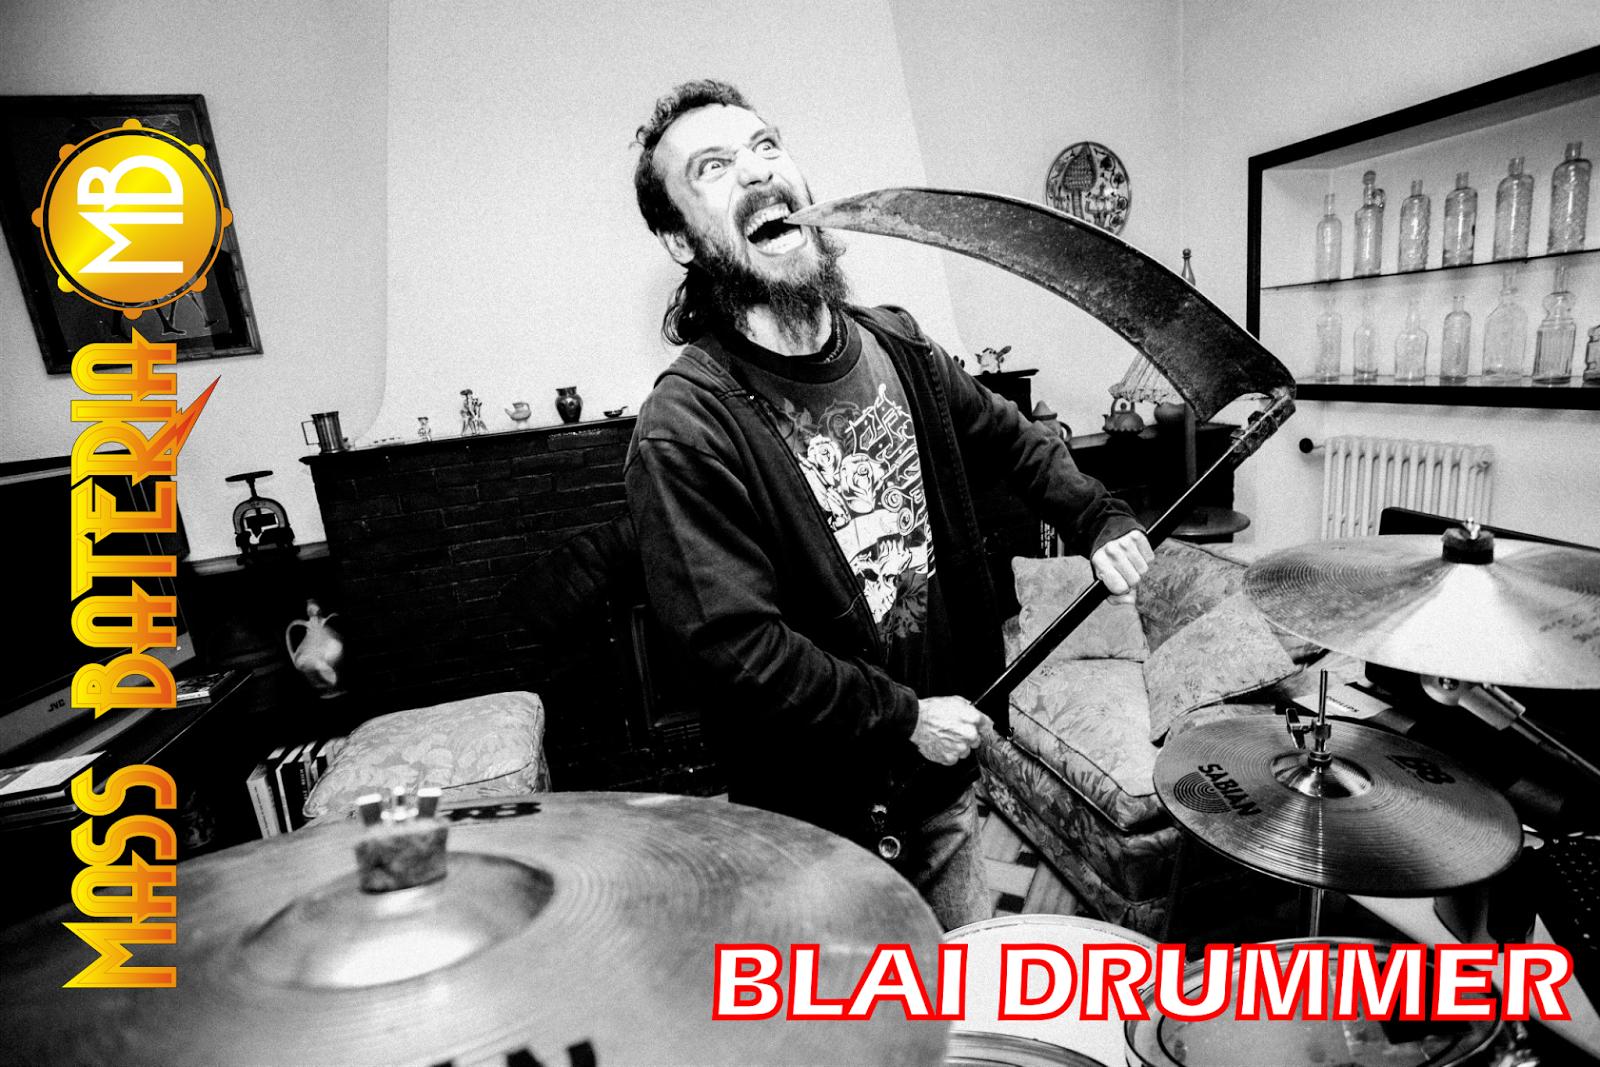 Blai drummer